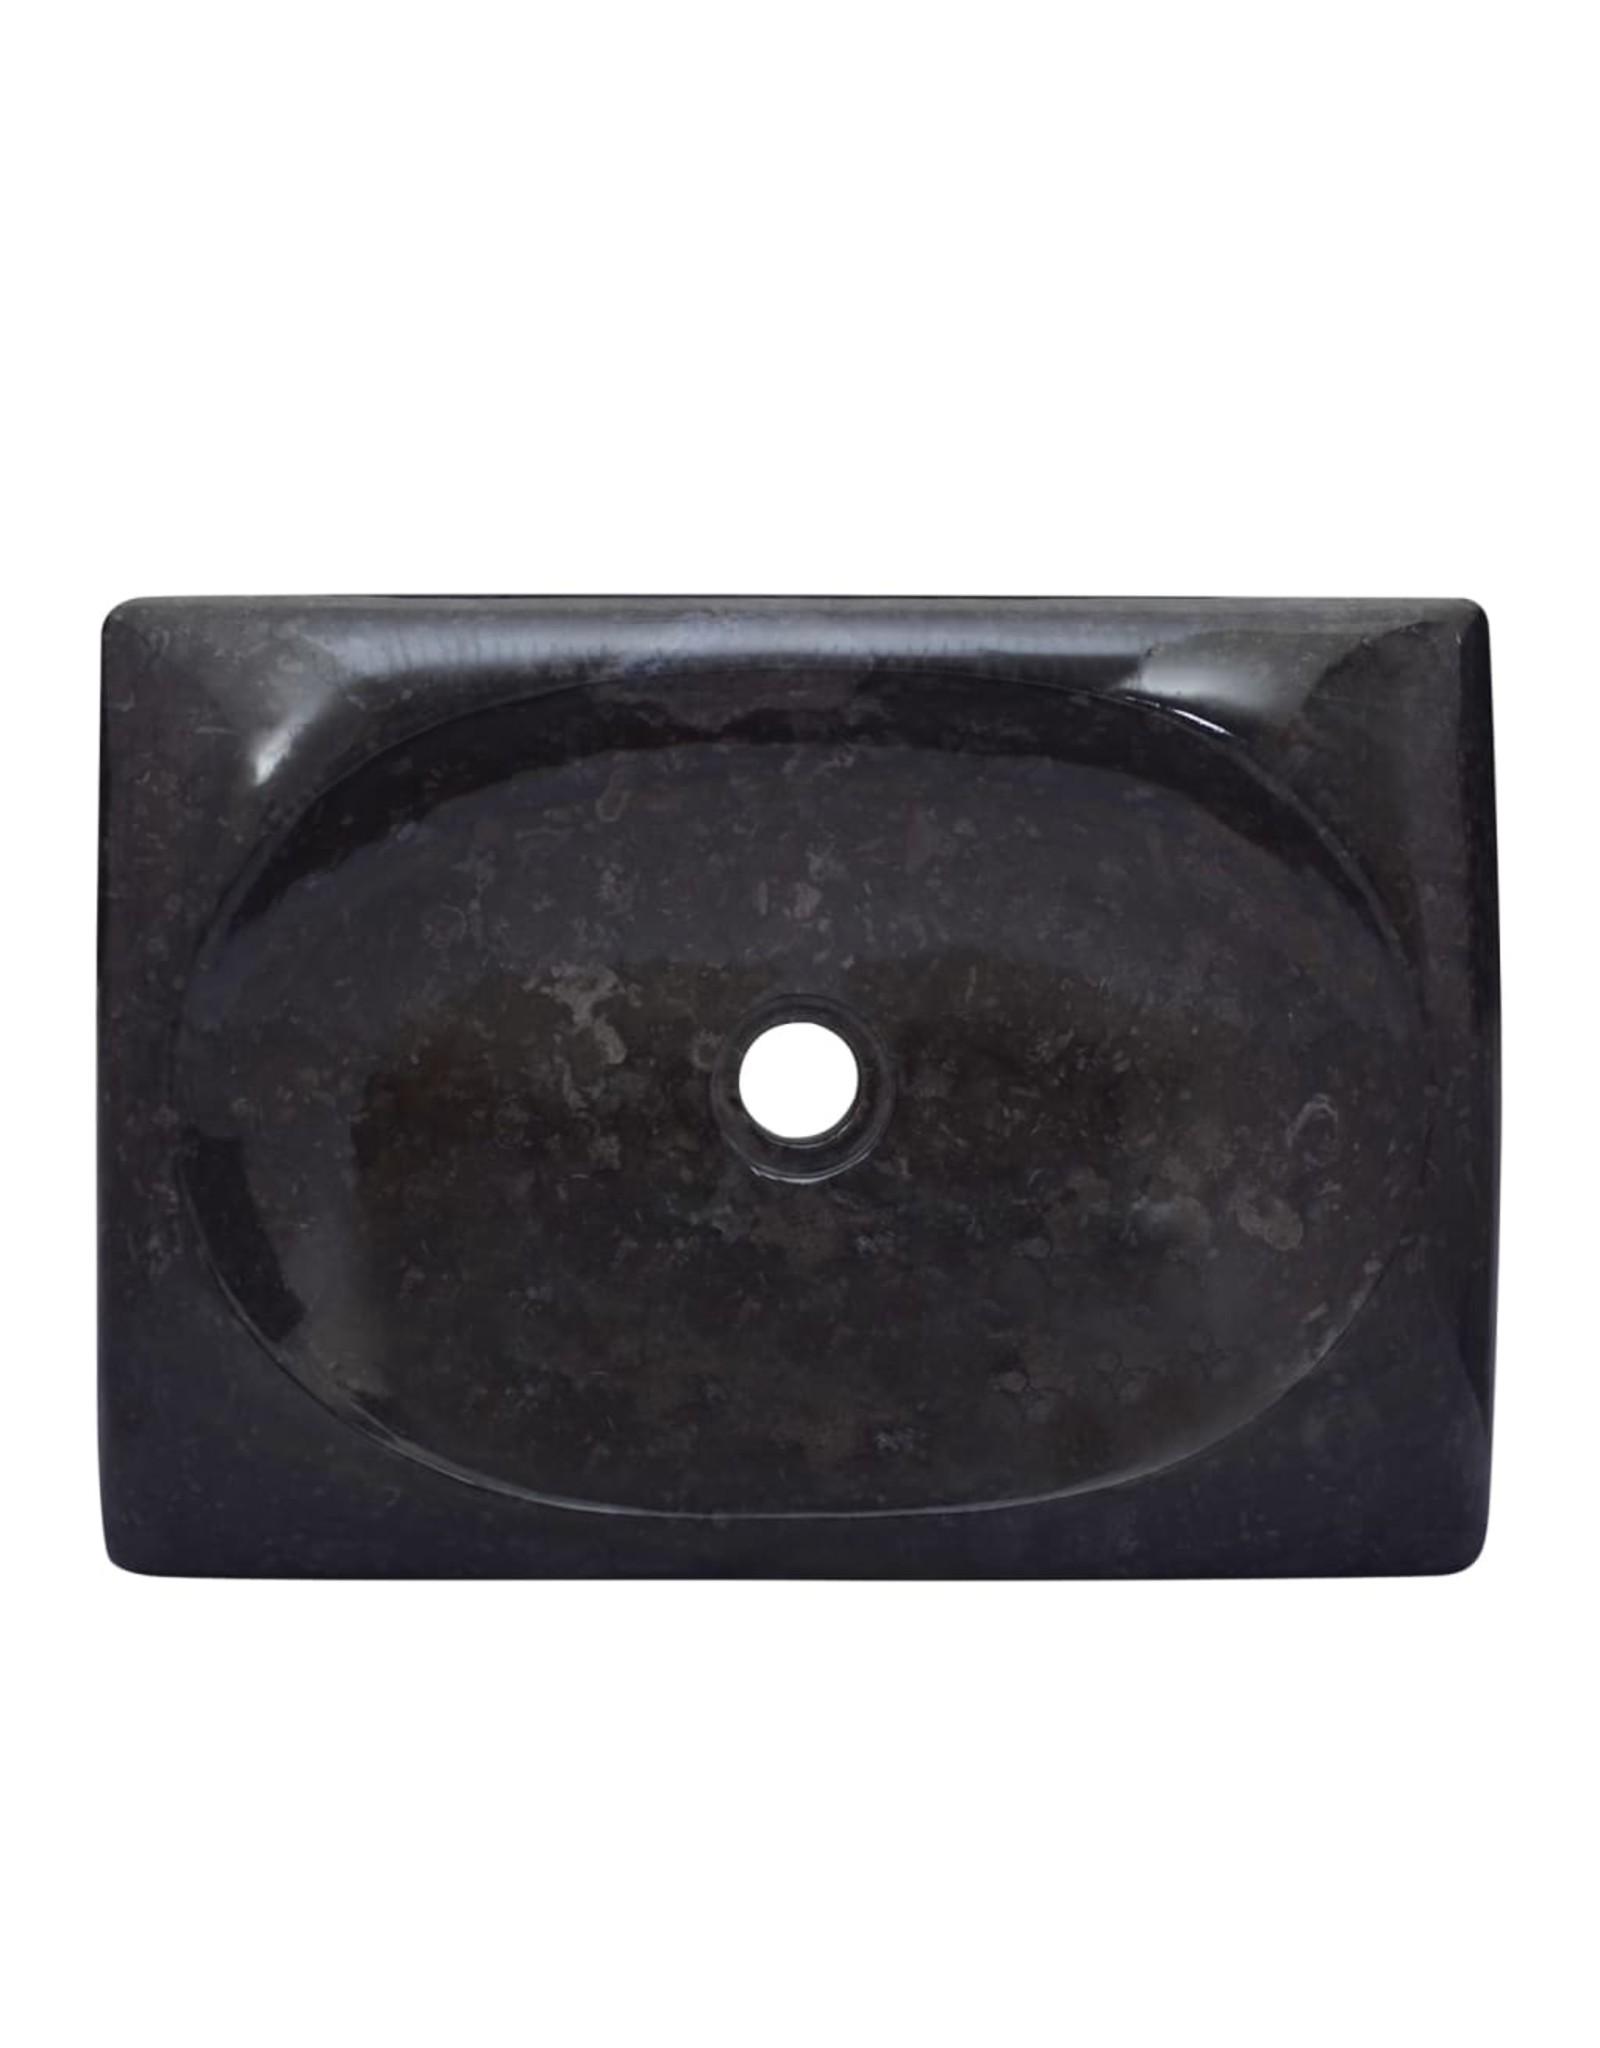 Gootsteen 50x35x10 cm marmer zwart